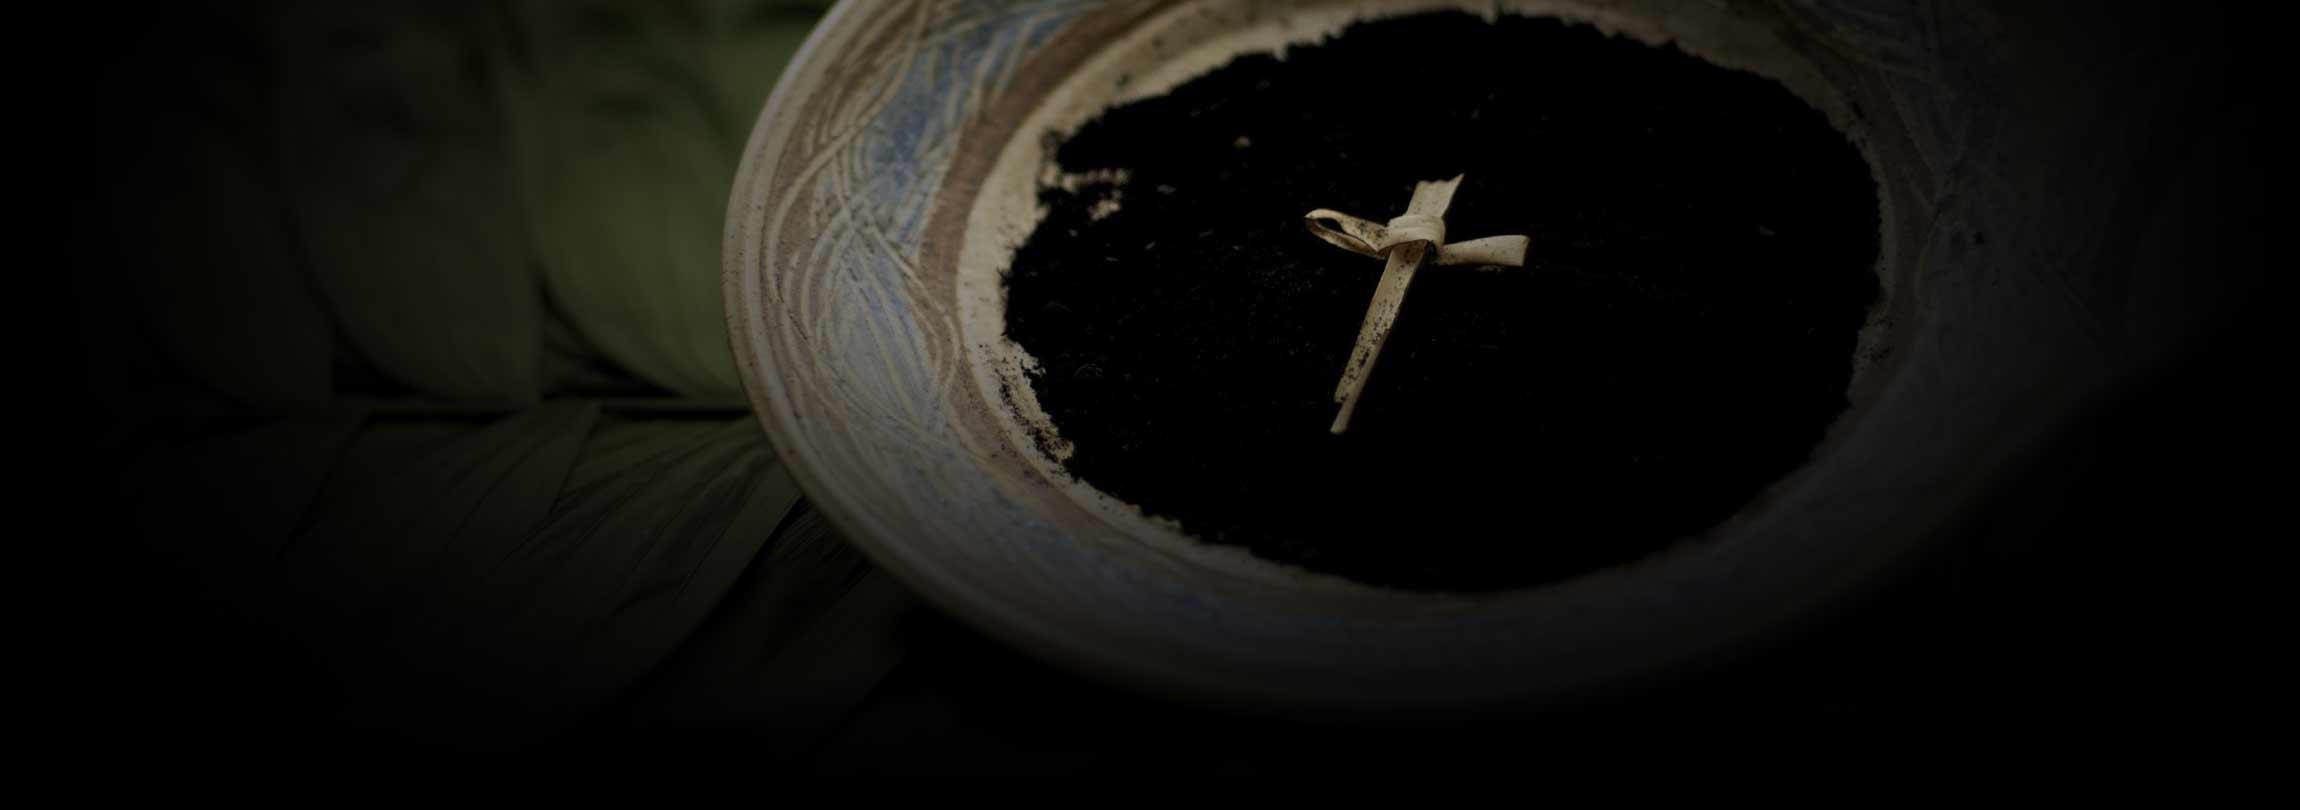 Quarta-feira de Cinzas: liturgia de morte